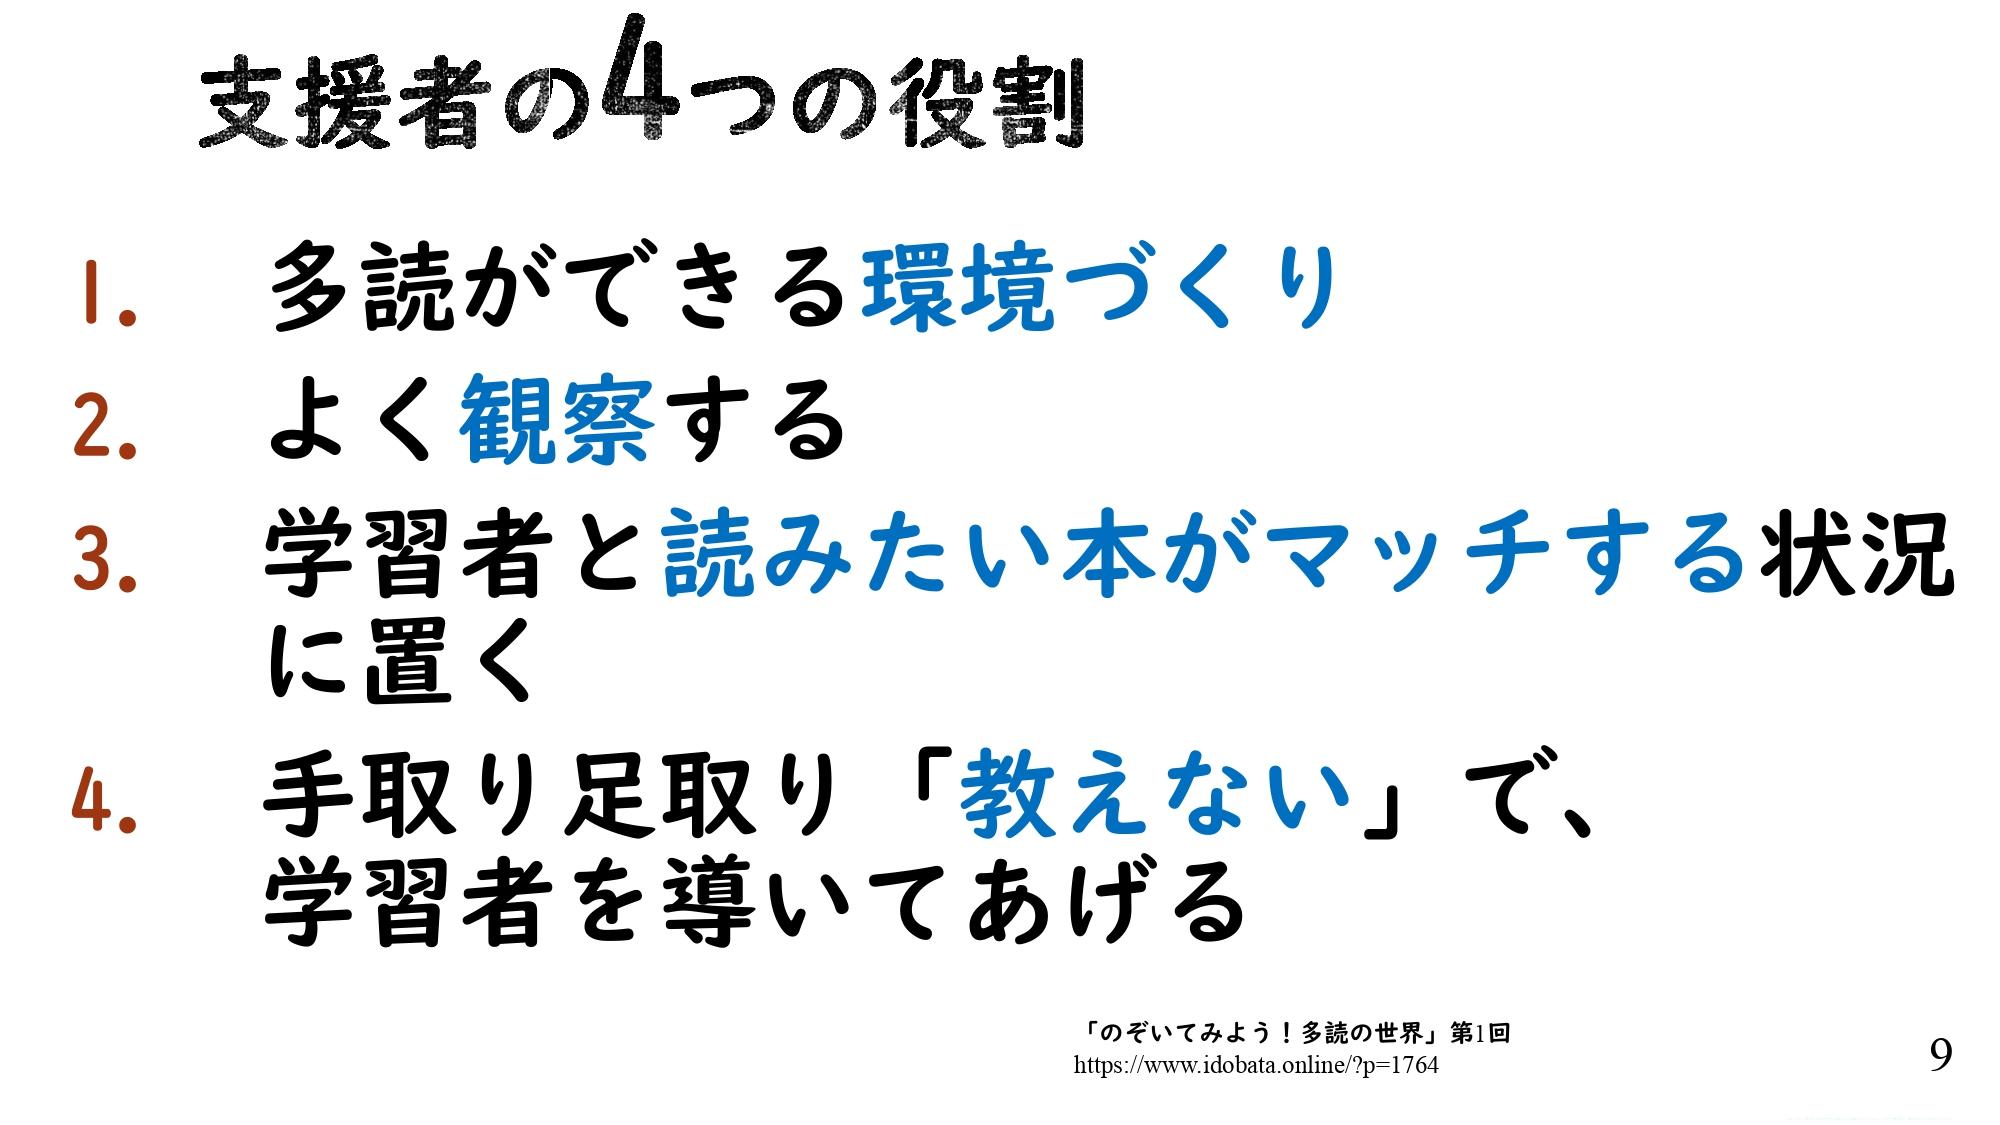 takahashi-2